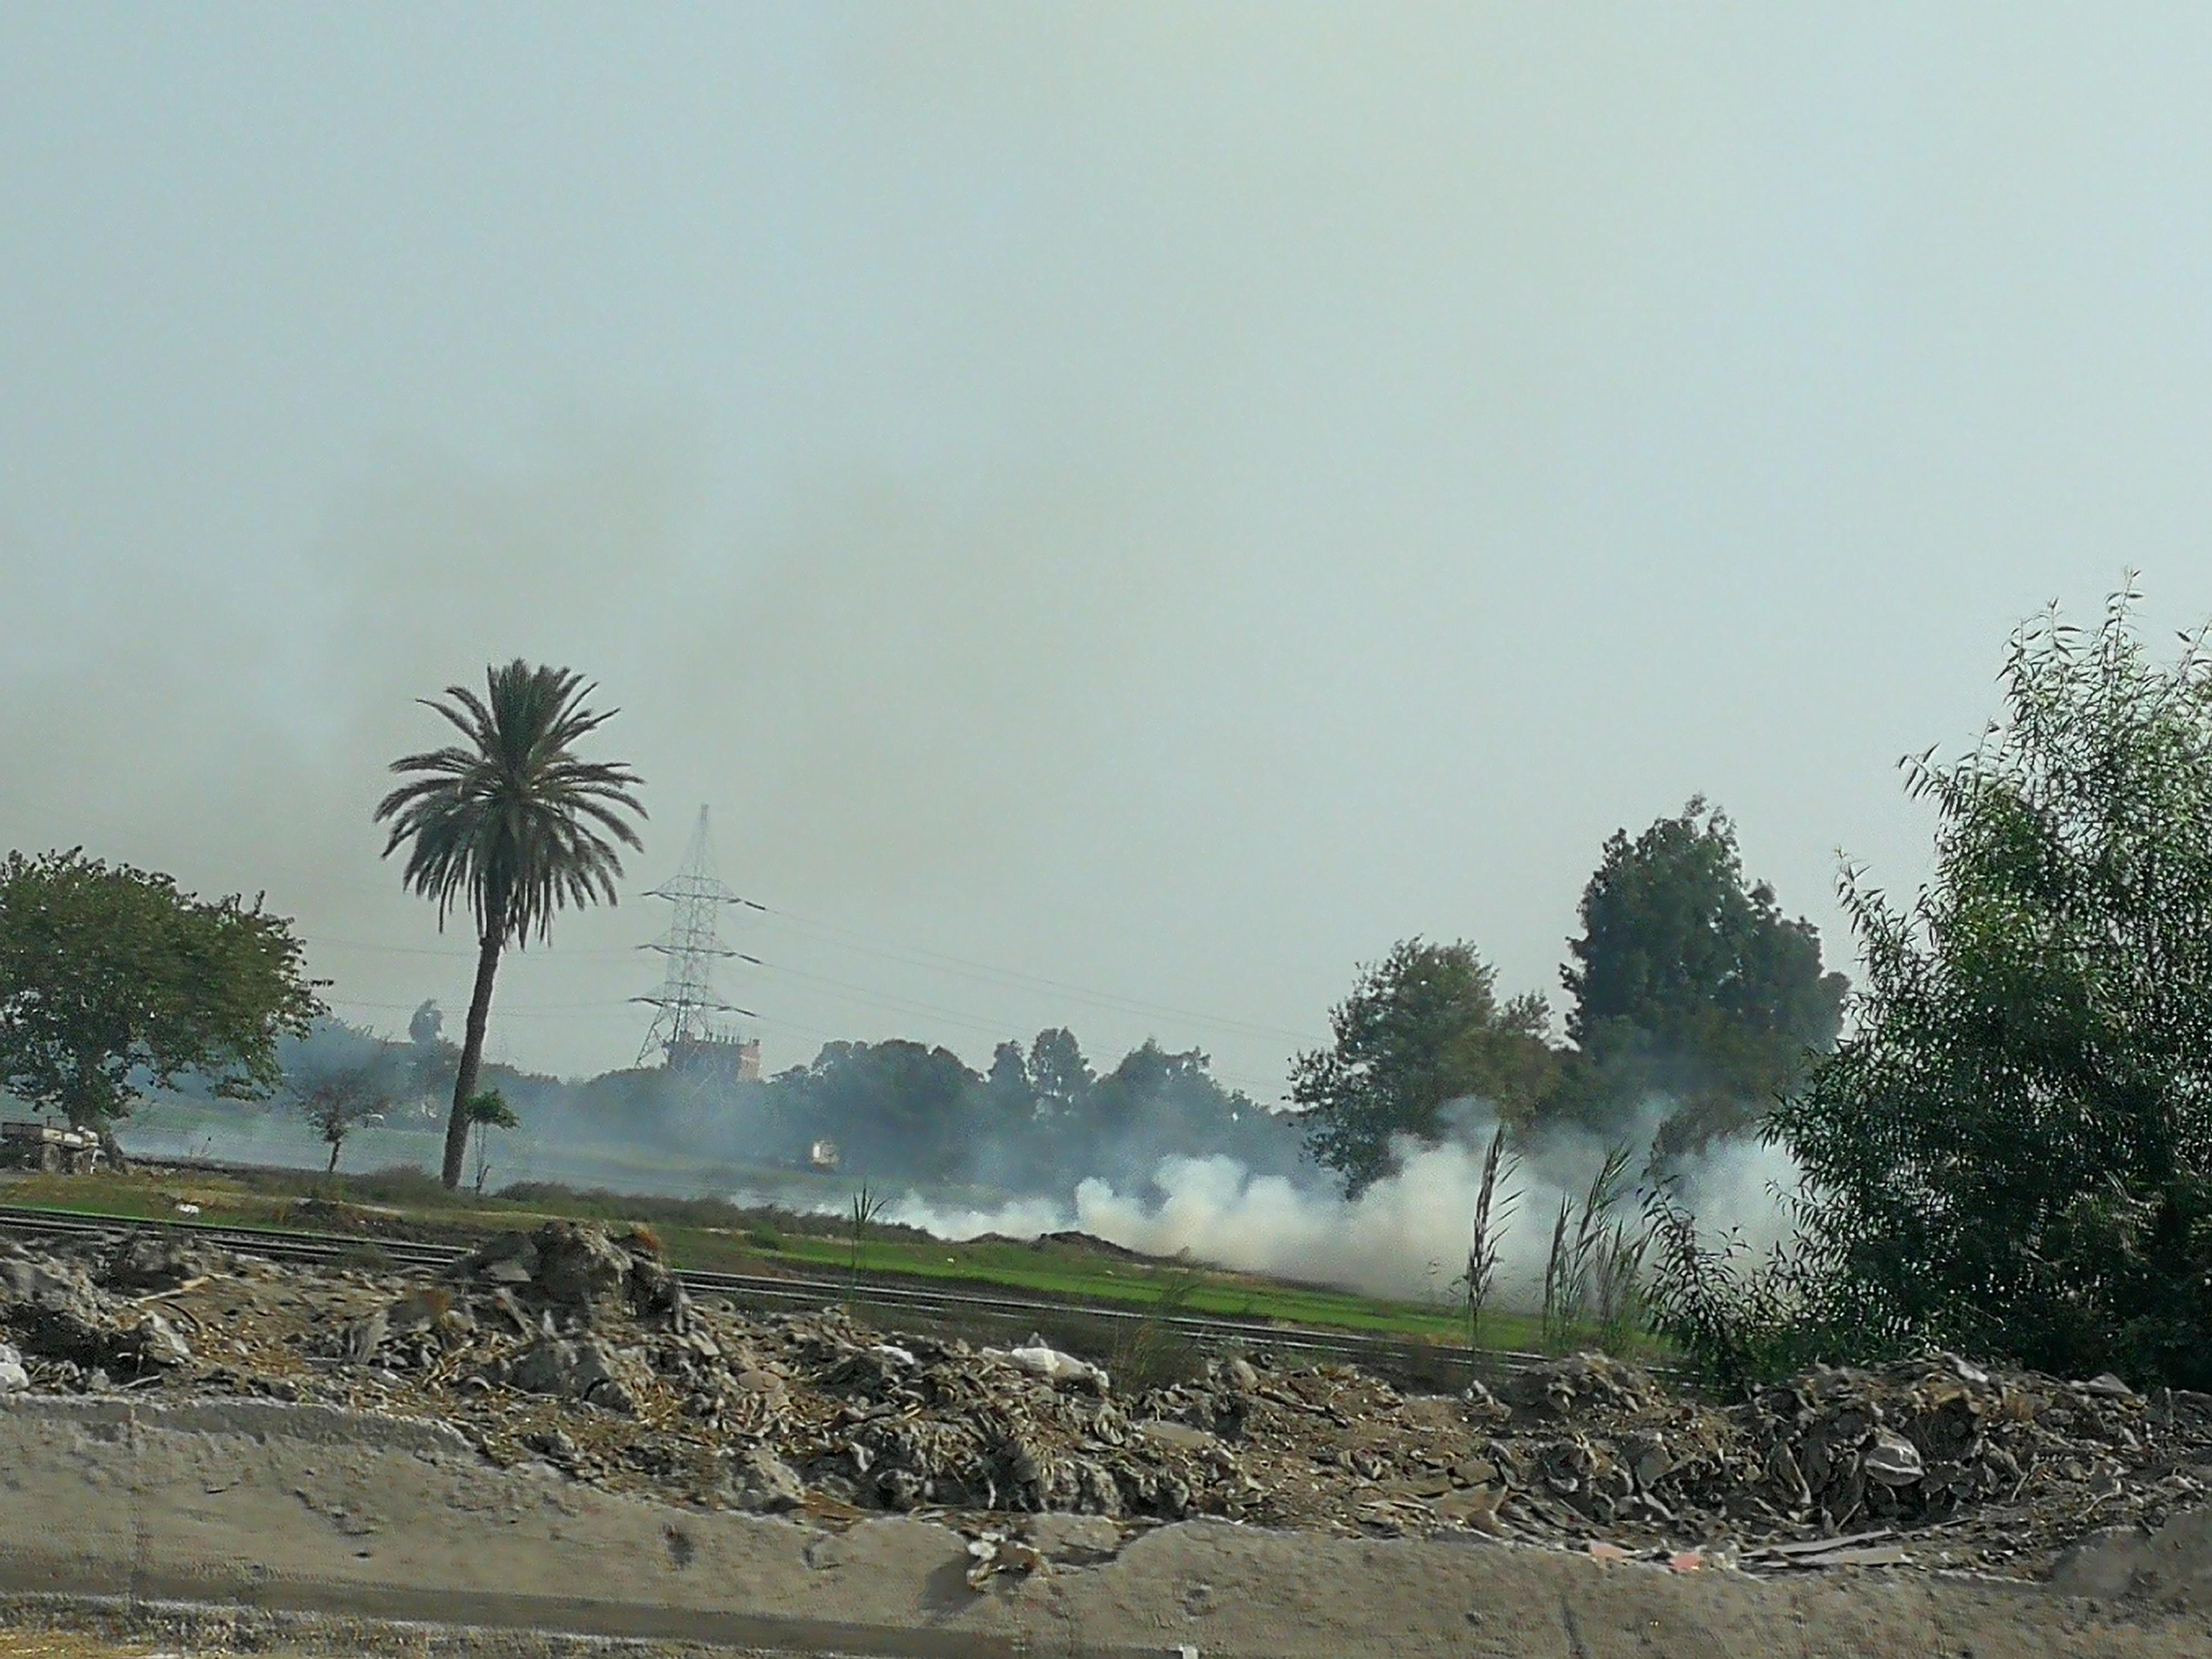 حريق قش الرز بالغربية (4)